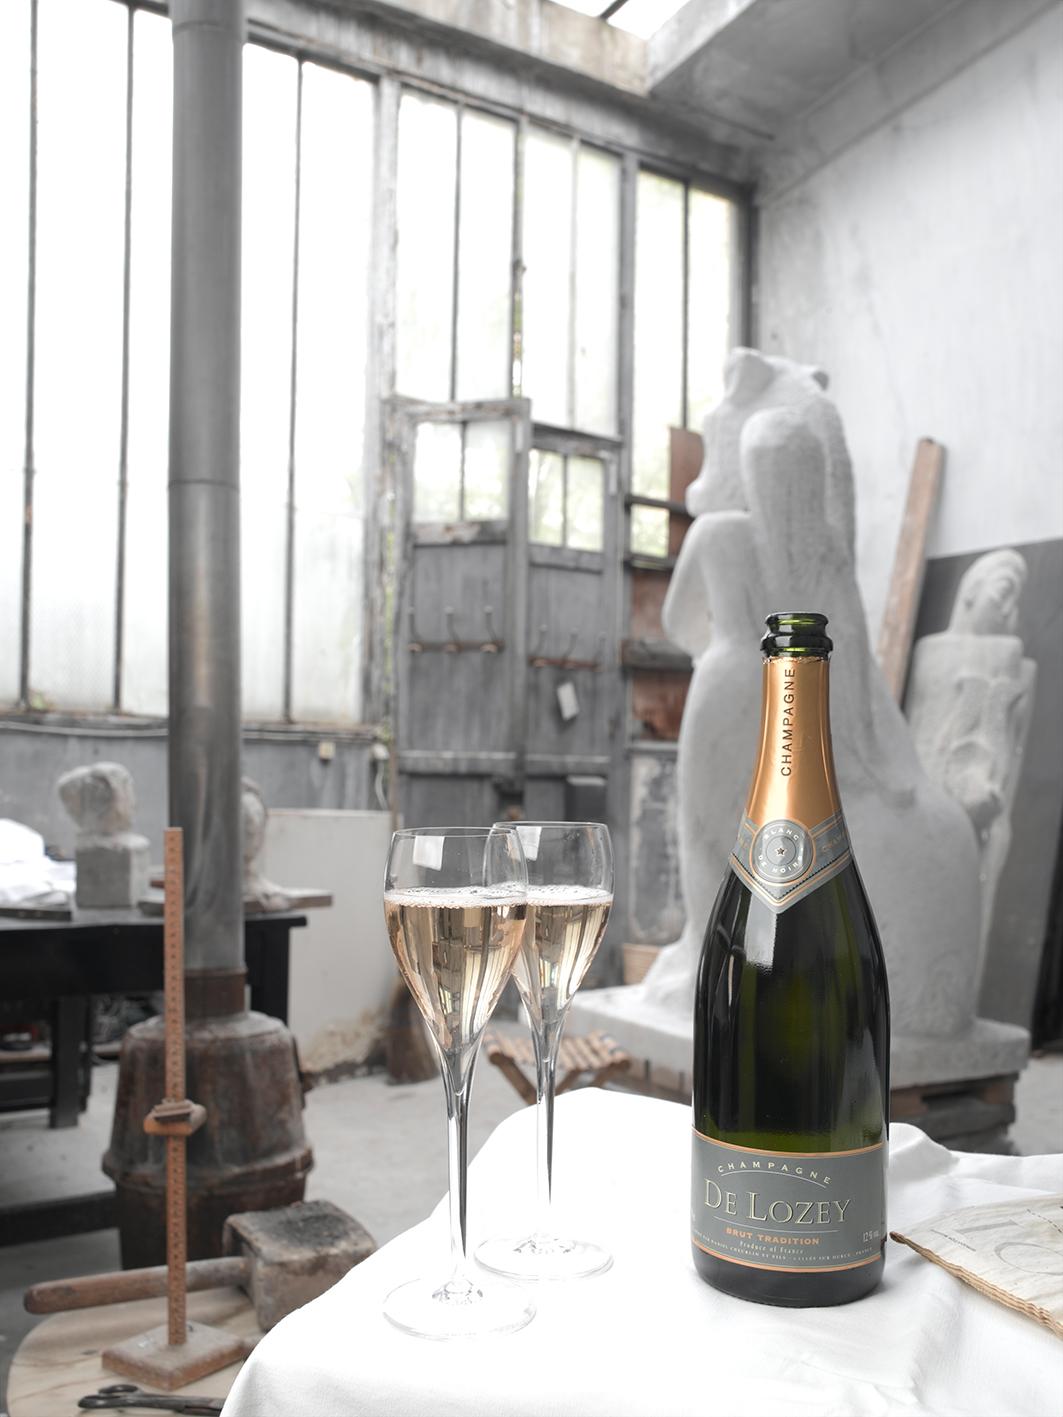 Philippe Delosey Champagne